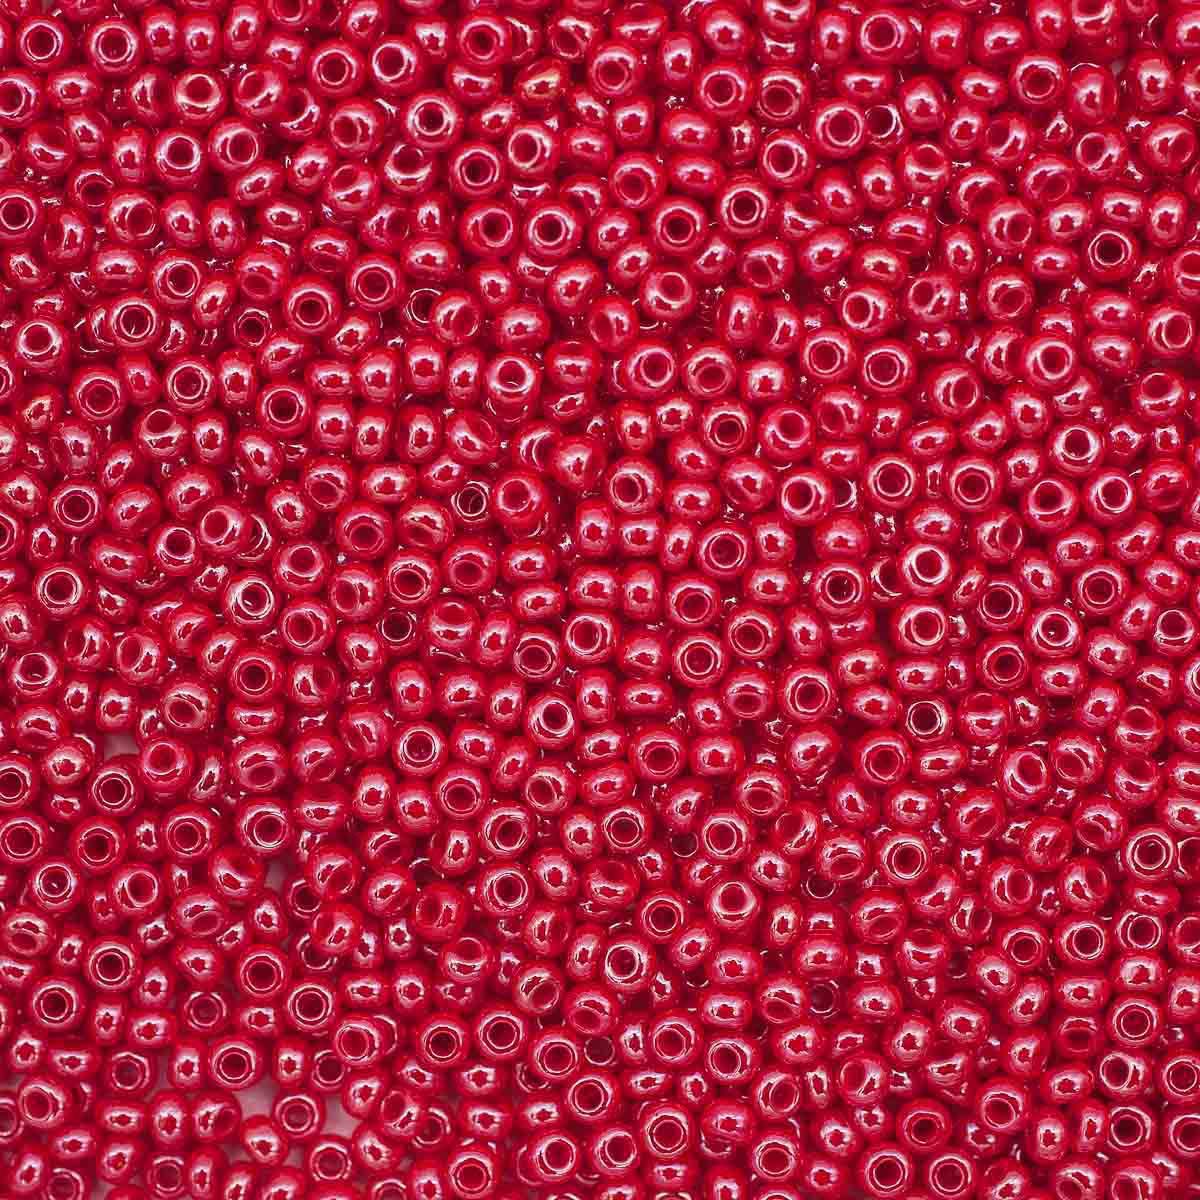 331-19001-10/0-98170 Бисер непрозрачный с жемчужным покрытием 10/0, круг.отв., 20гр Preciosa